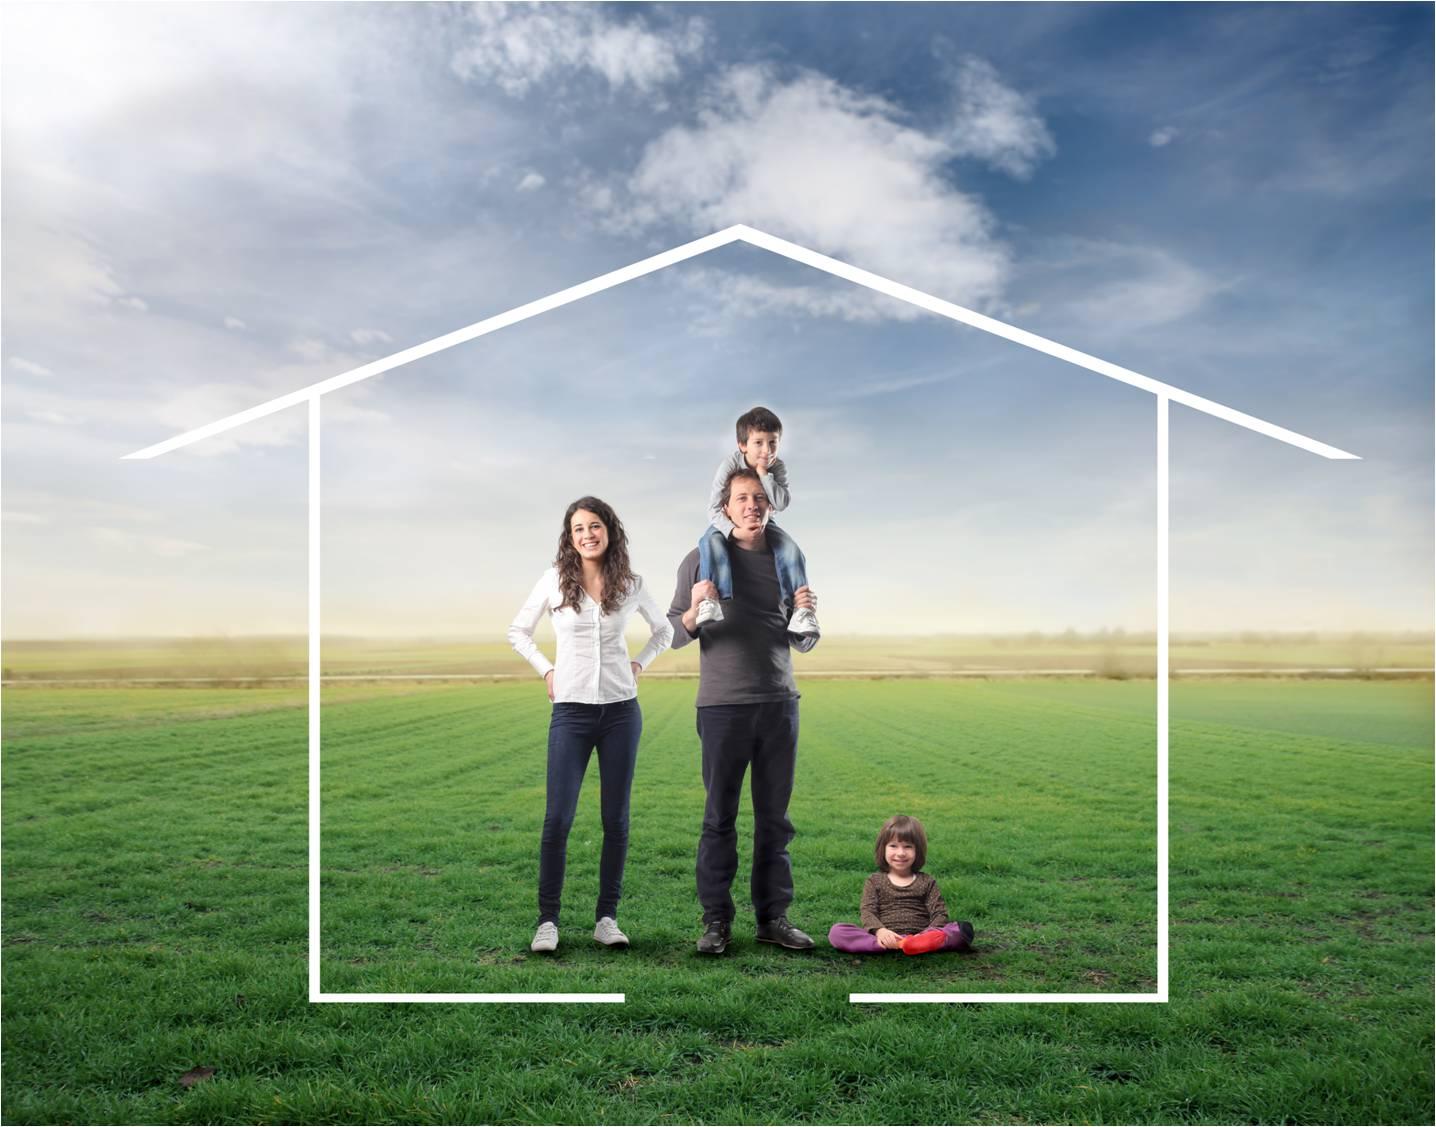 Ипотека без подтверждения дохода: кому подходит5c5b5de3682f0